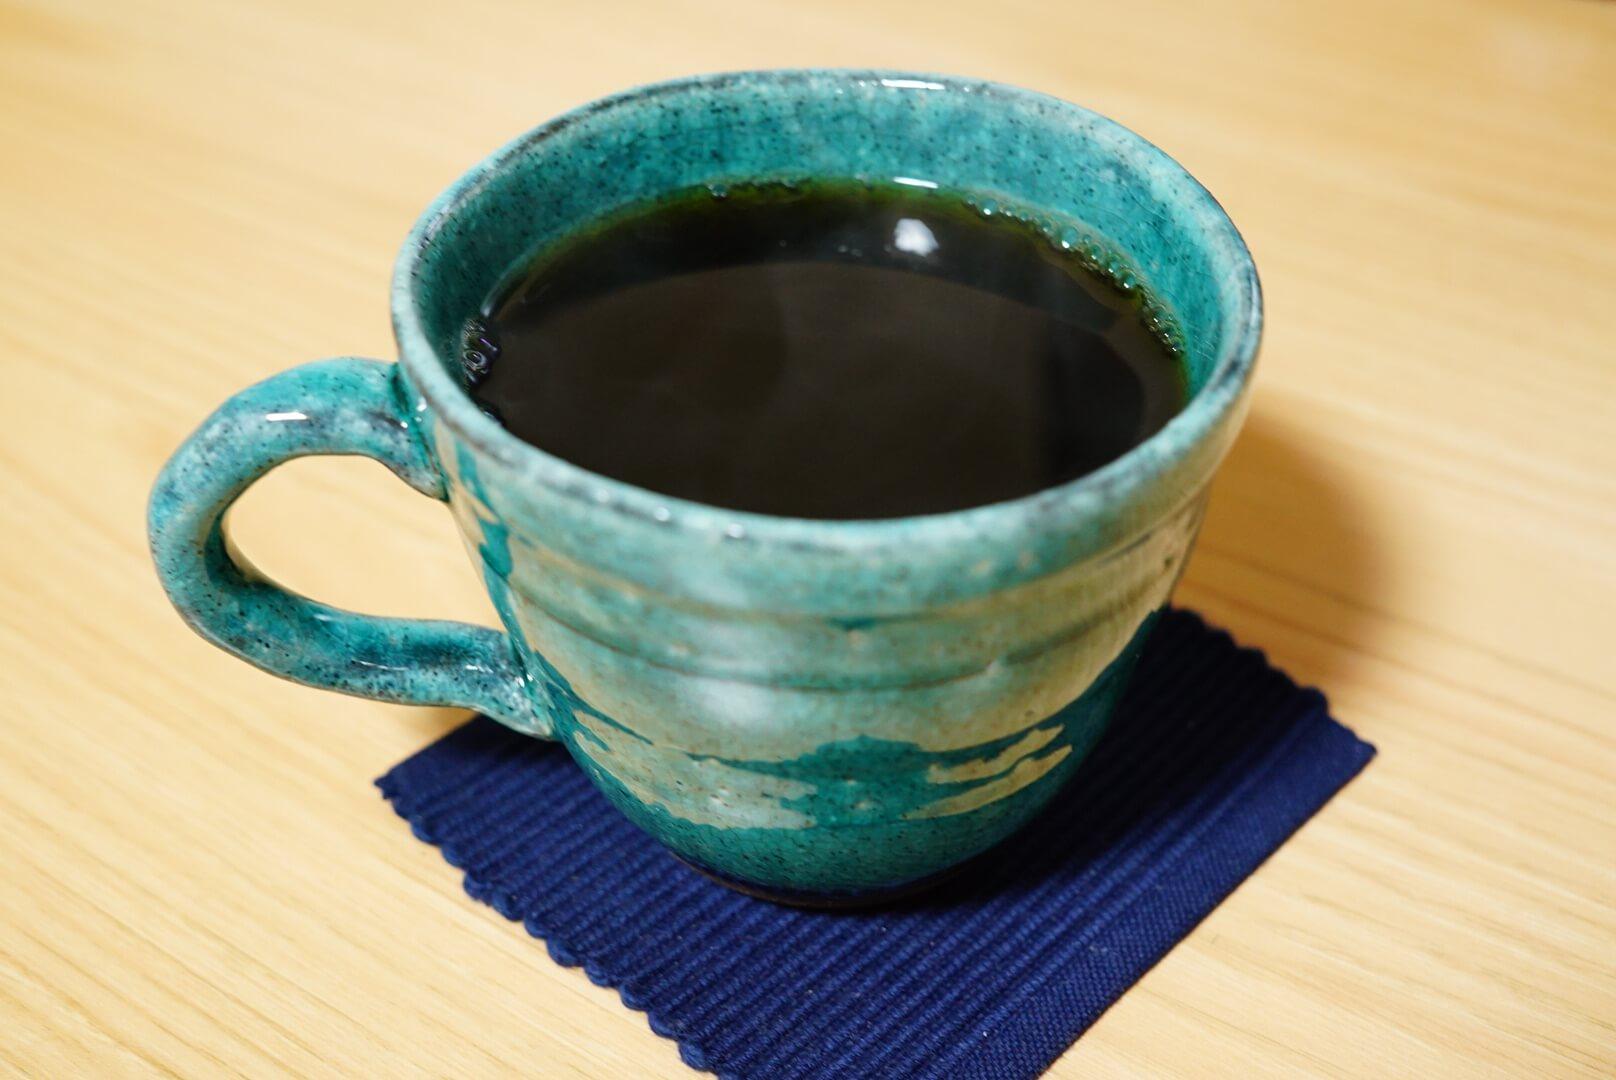 抽出後のコーヒー